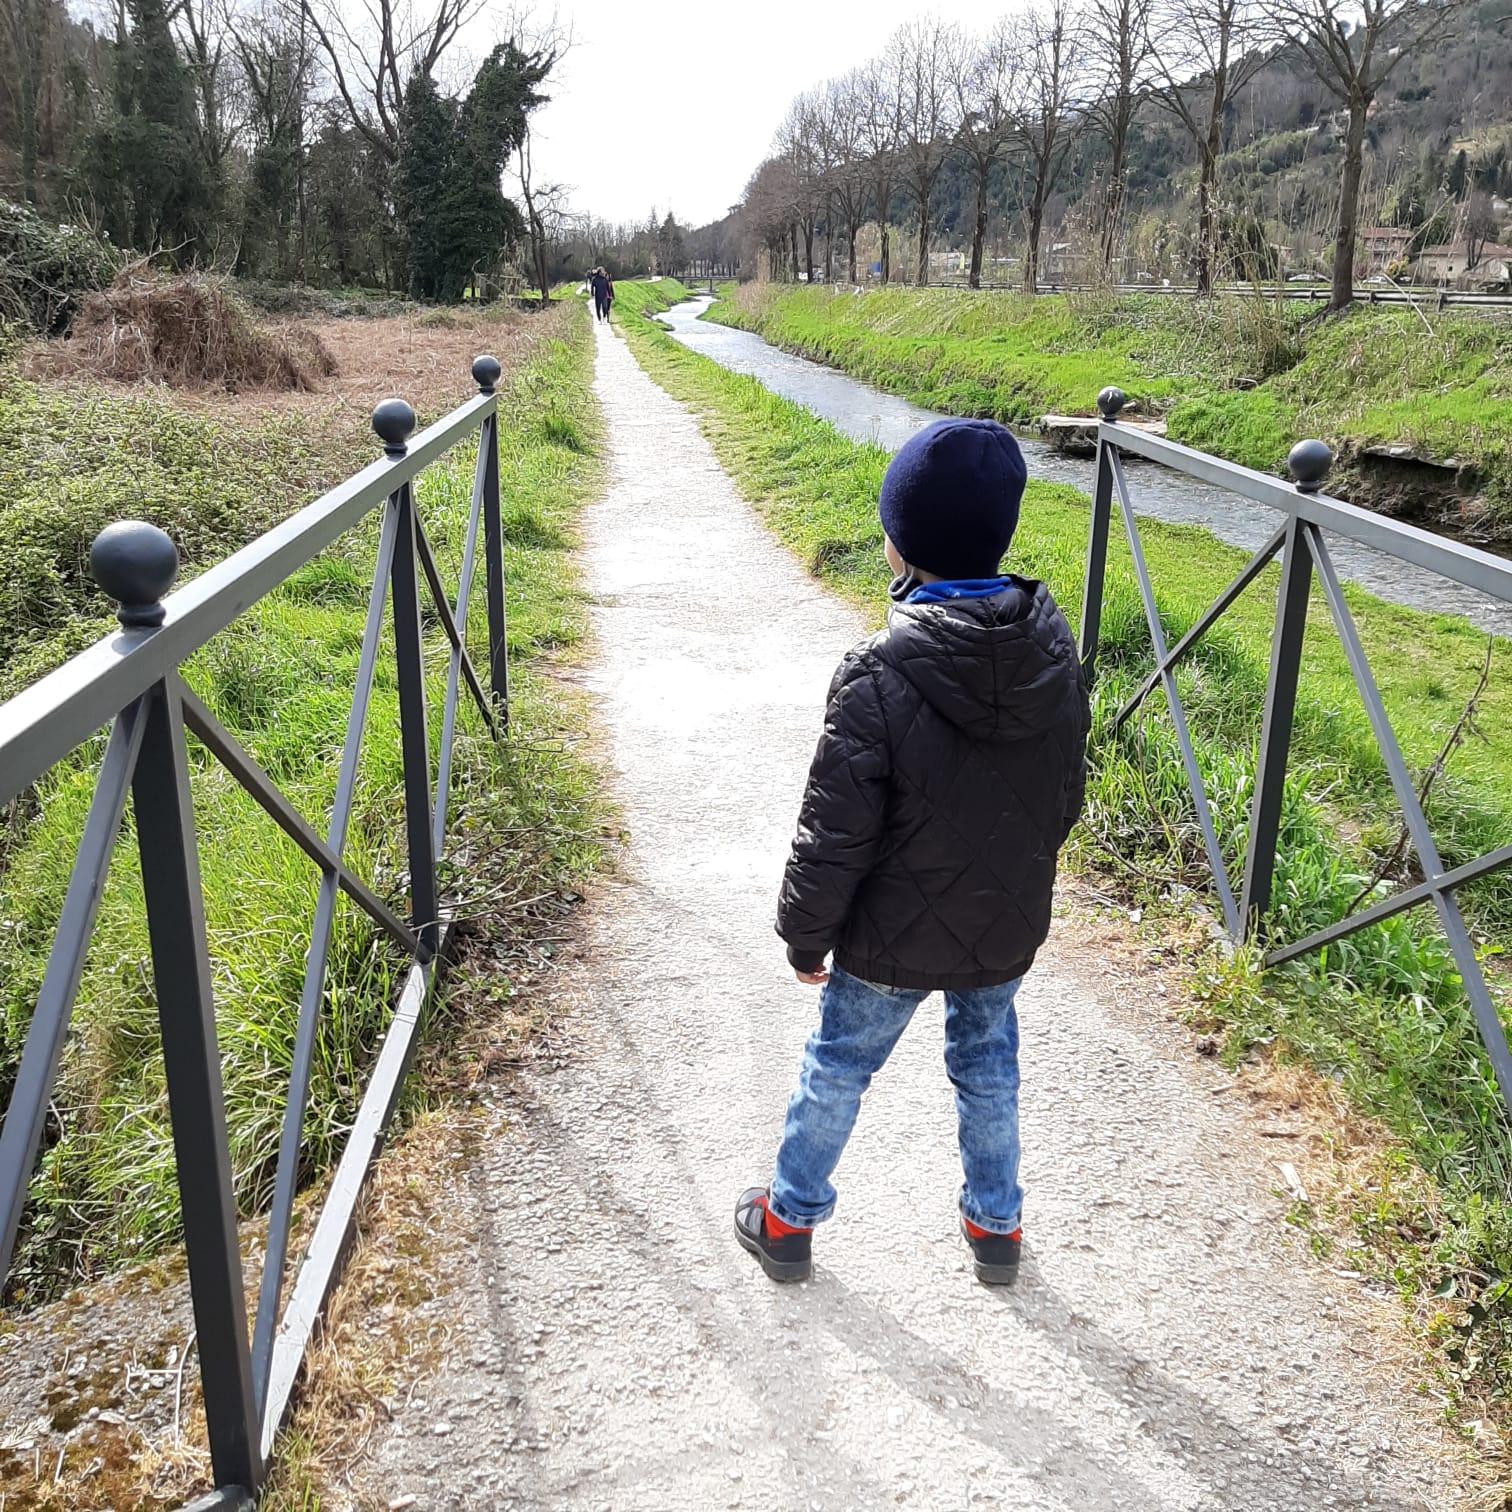 Una passeggiata lungofiume anche per i più piccini